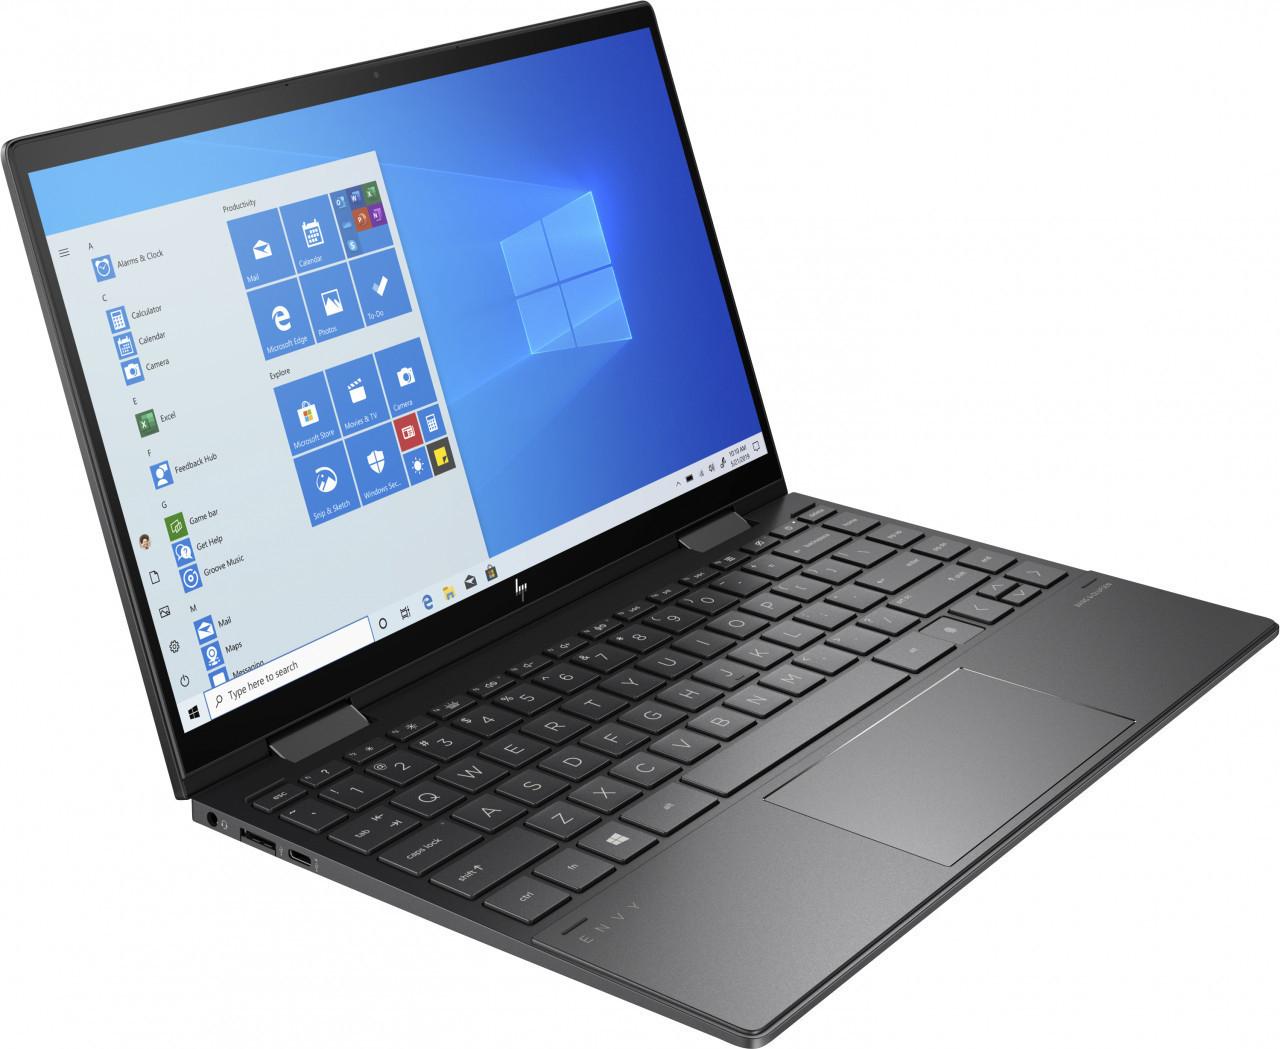 HP ENVY x360 13-ay0359ng mit 13,3 FHD IPS Touch 300cd/m², AMD Ryzen 5 4500U, 8GB RAM, 1TB SSD, Fingerprint, USB-C, Tastatur Bel., Win10